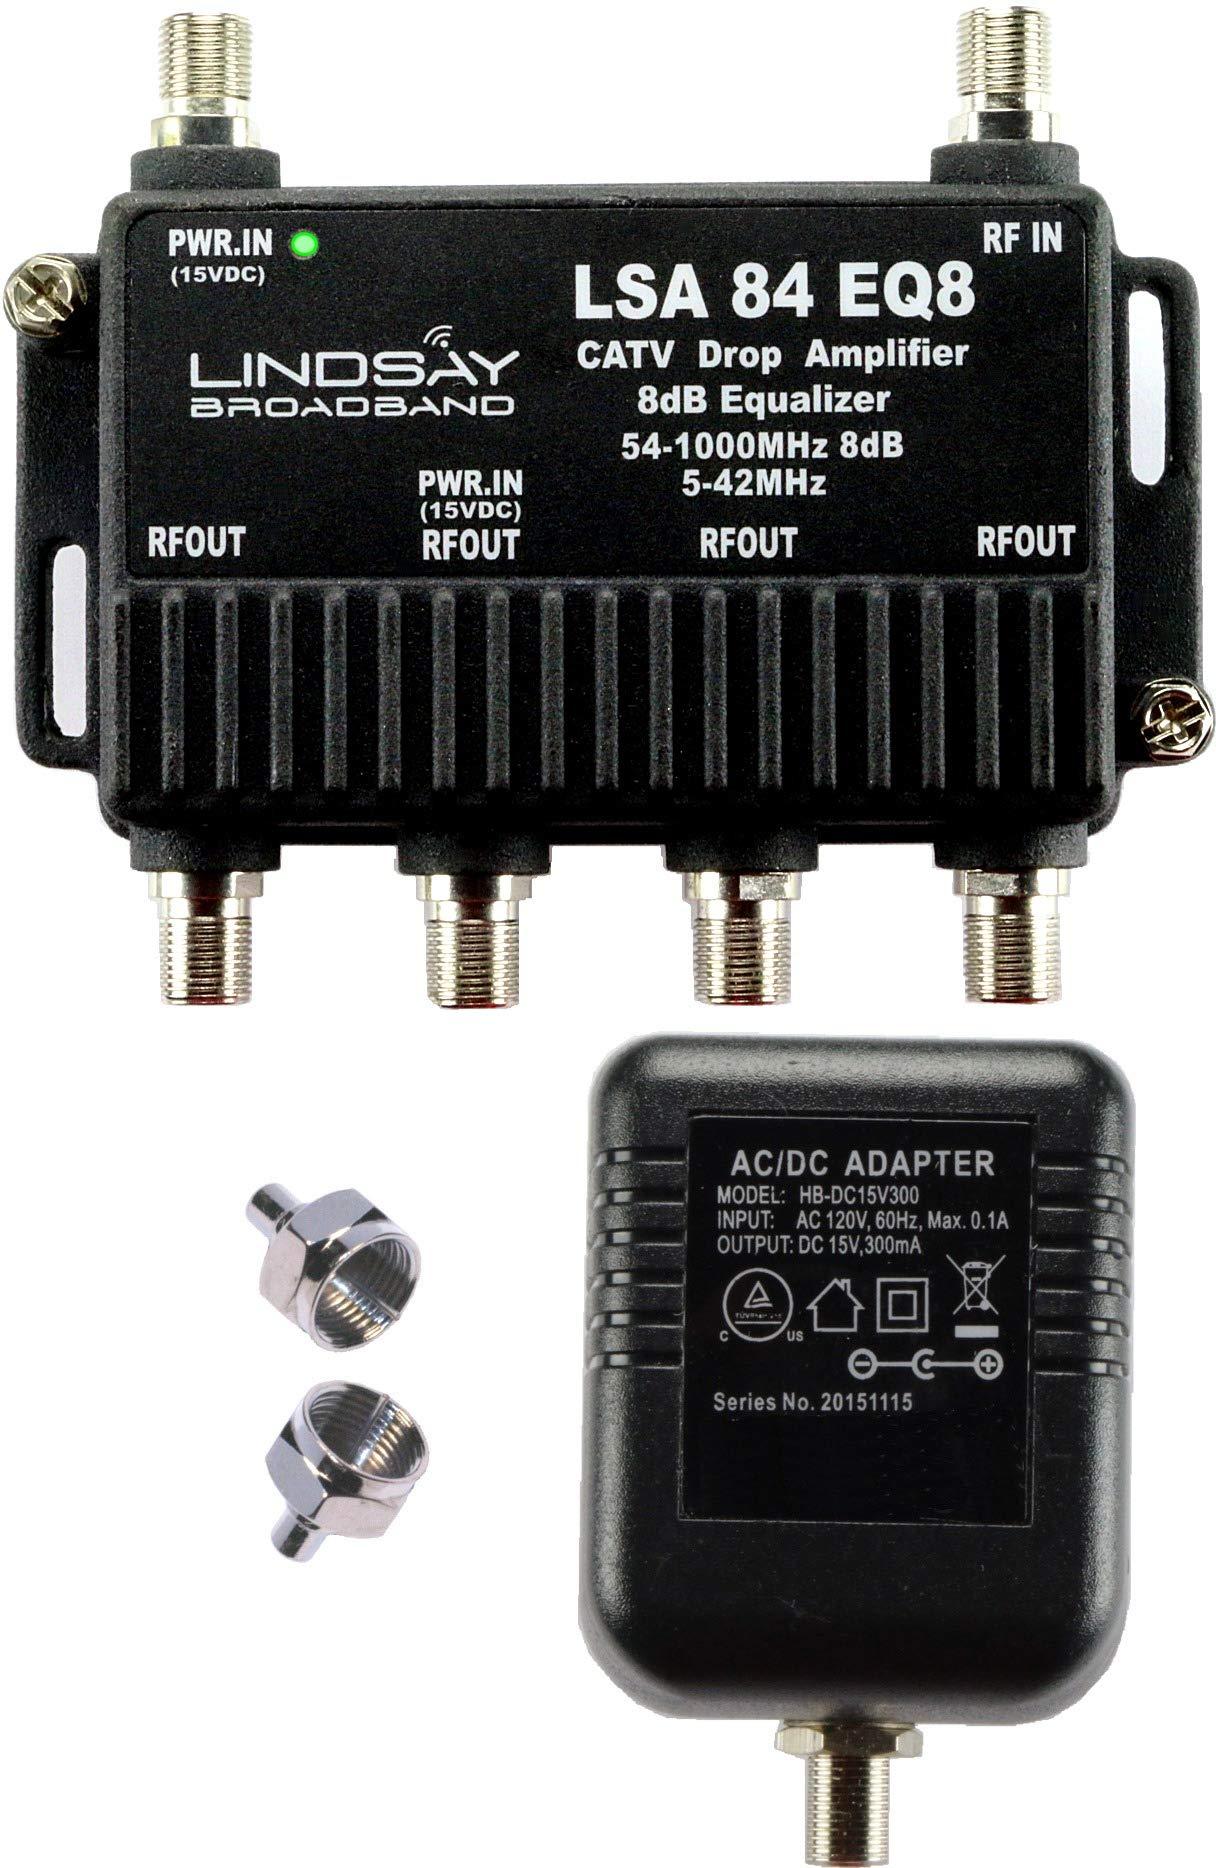 Cable Amplifier Equalizer Terminators LSA84 EQ8